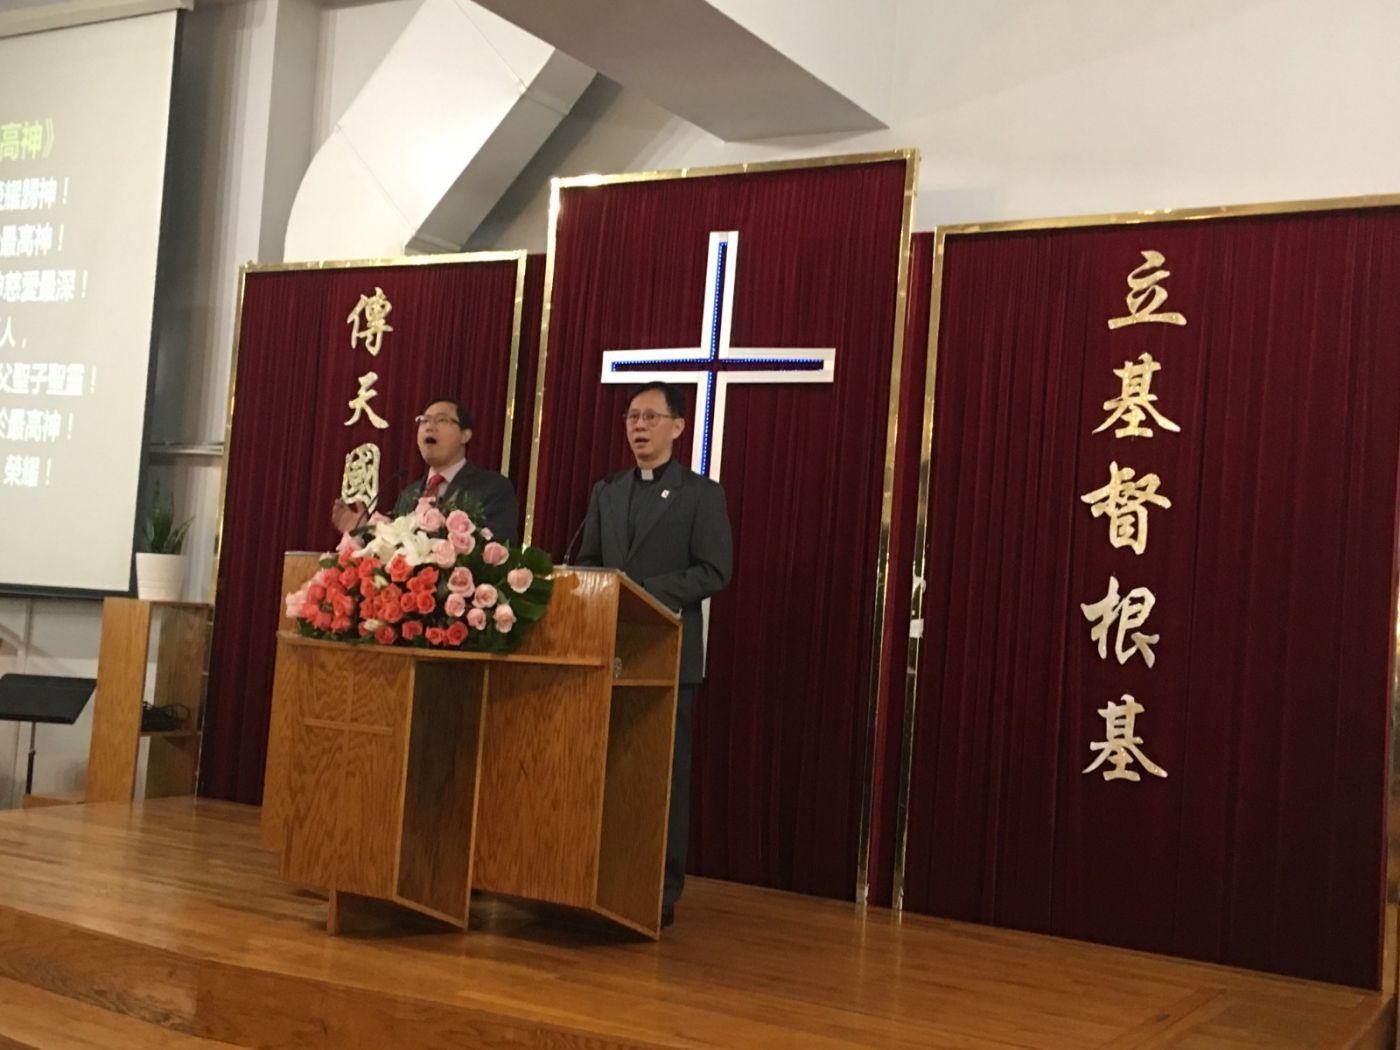 2019紐約基督閩恩教會舉辦感恩節崇拜_图1-14